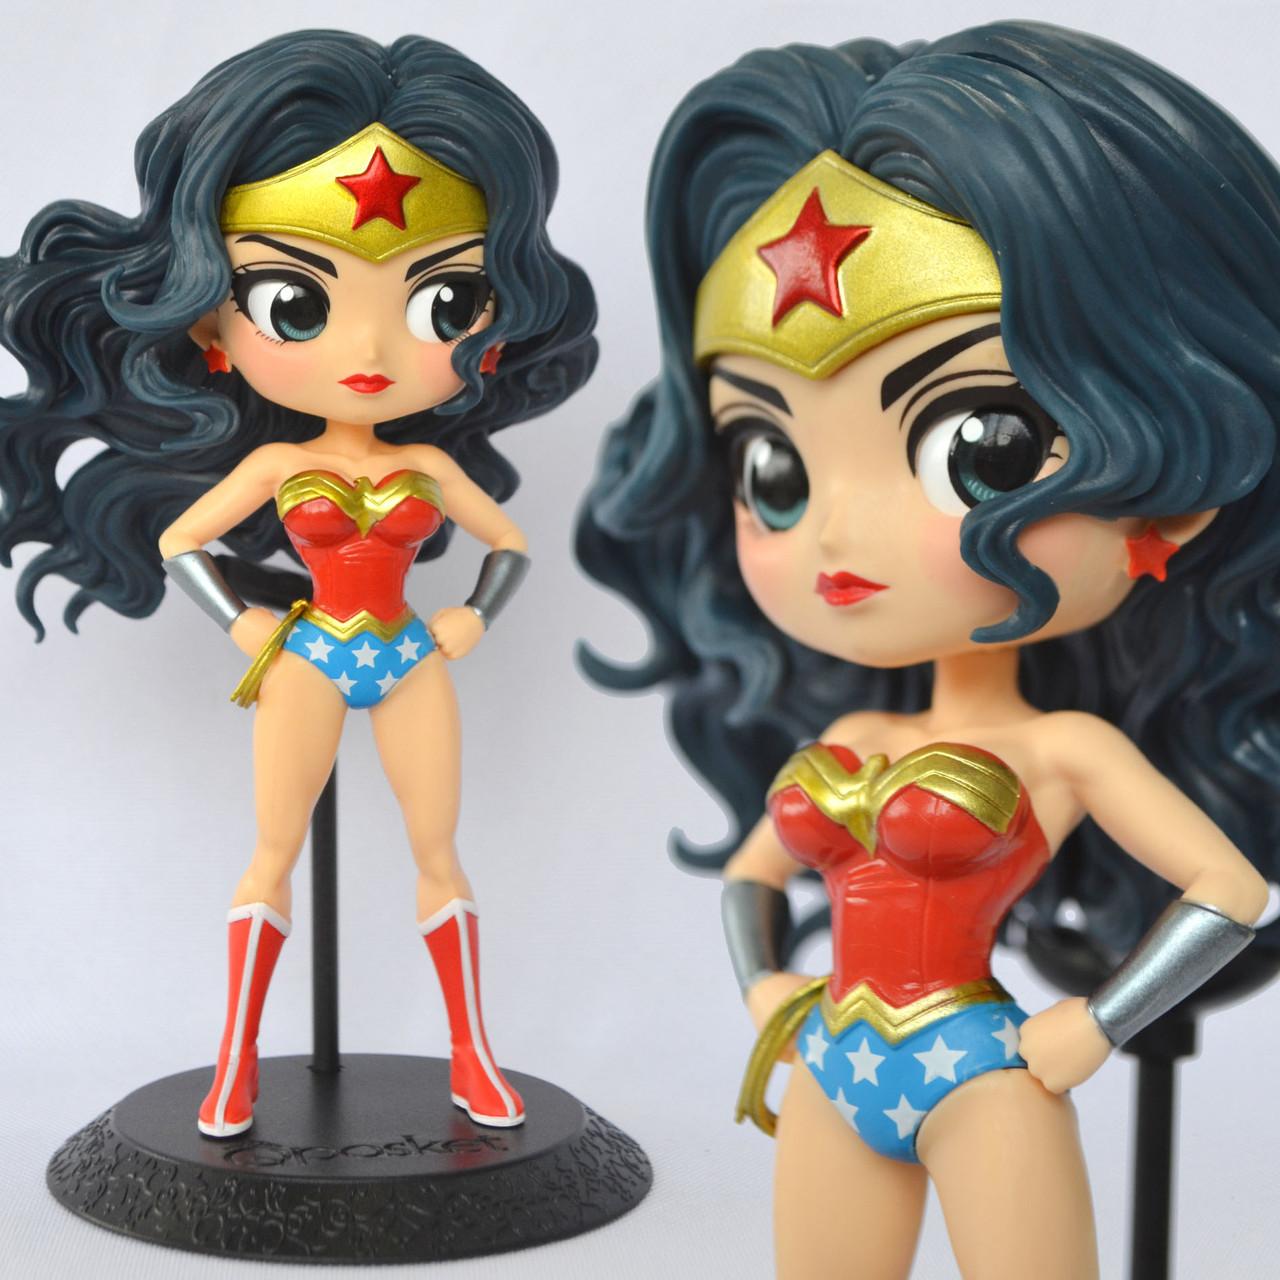 Фігурка DC Comics - Wonder Woman Q posket